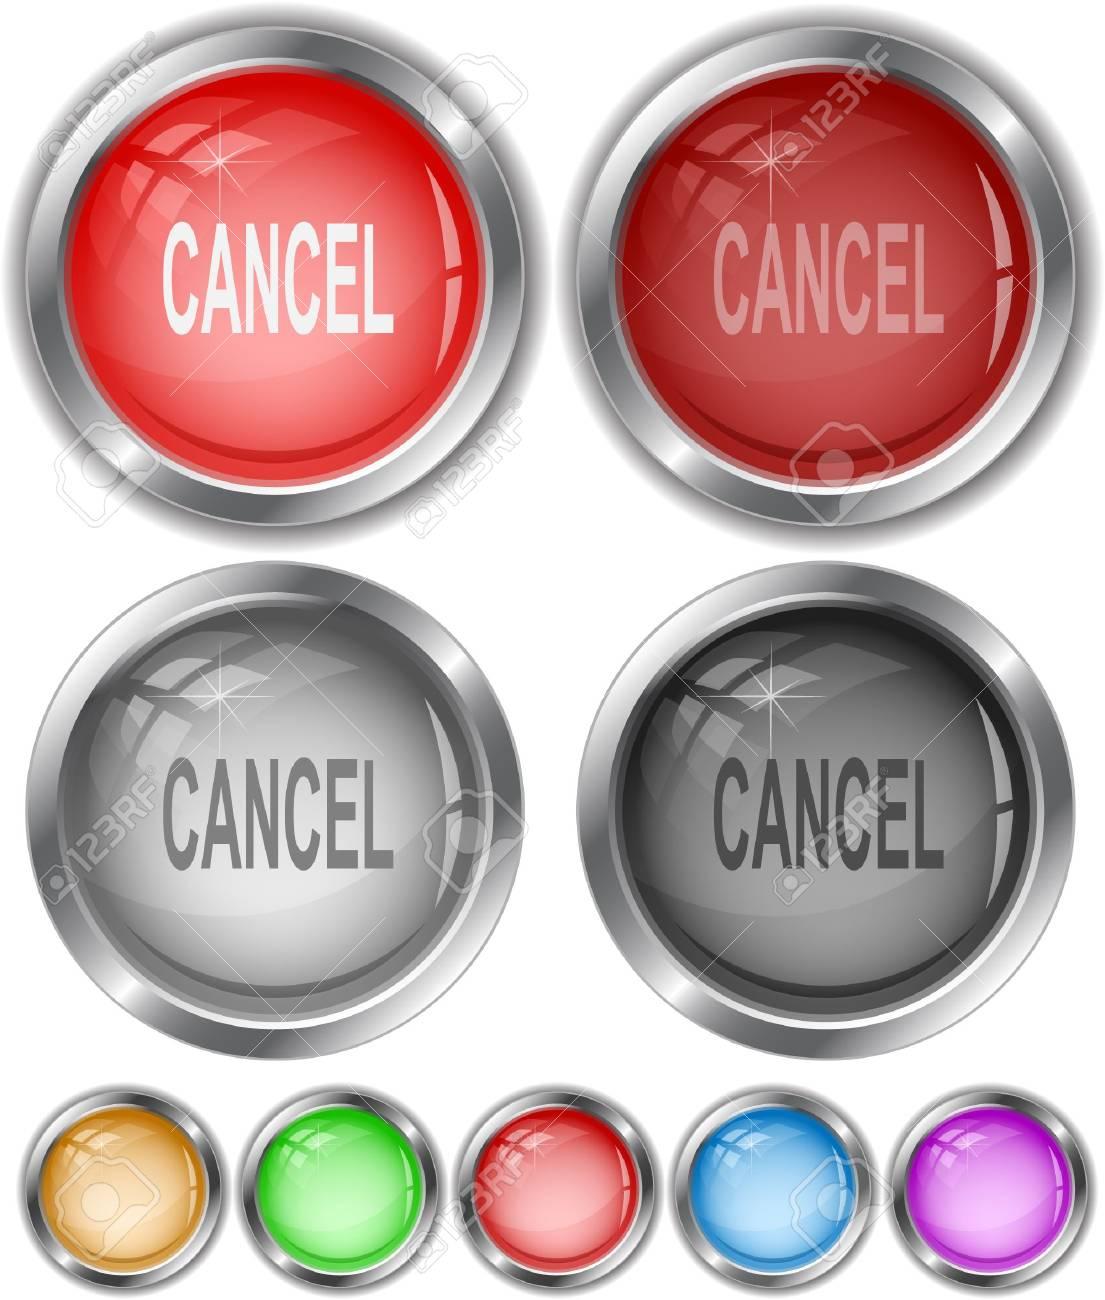 Cancel. Vector internet buttons. Stock Vector - 6846441